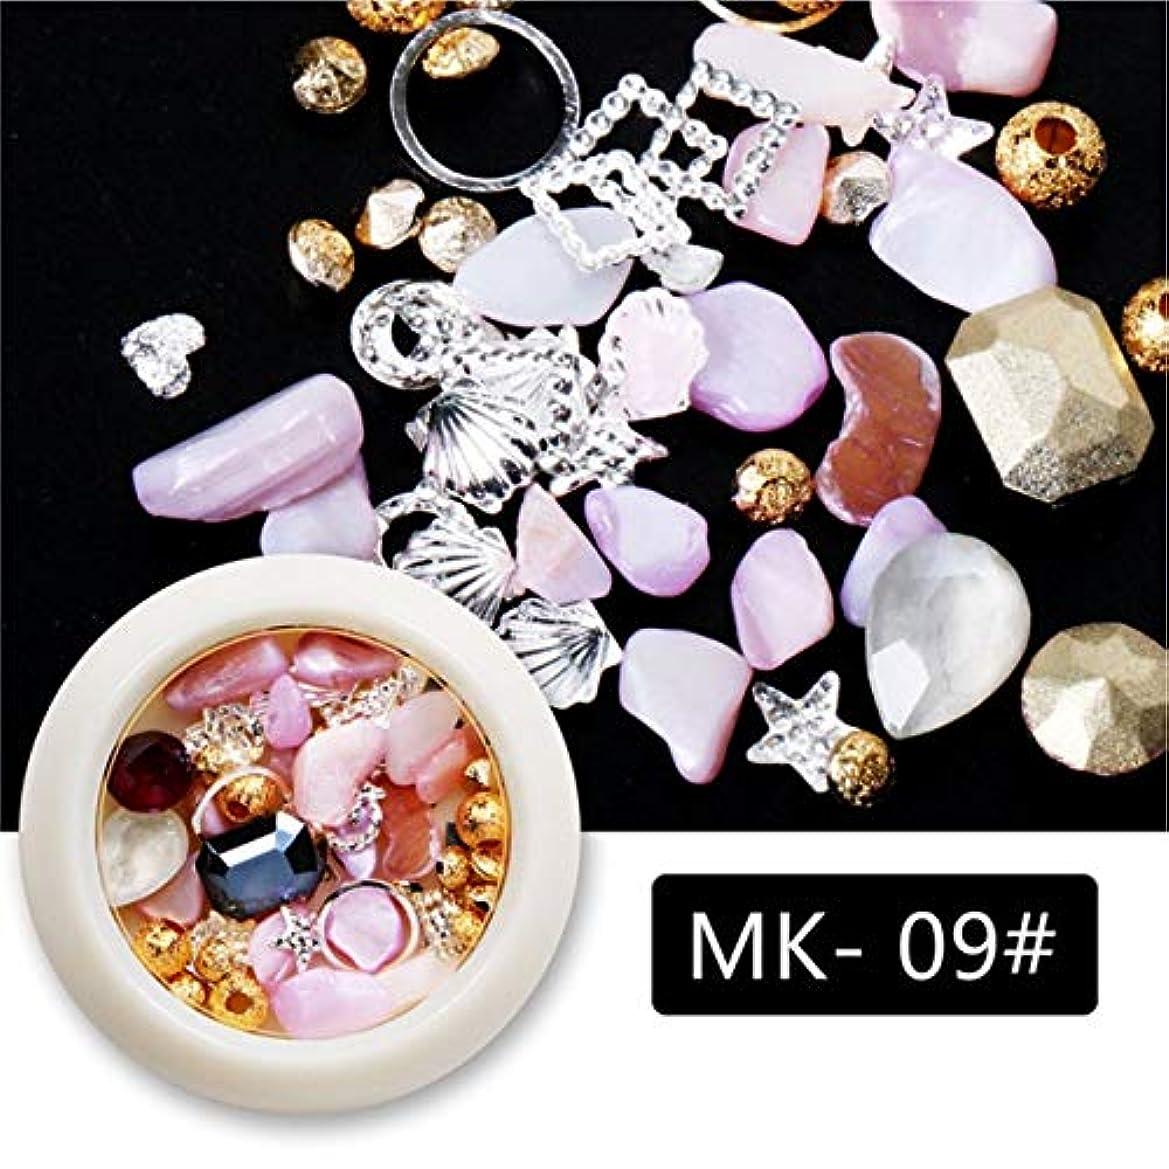 概念政策暖炉サリーの店 新しいリリース1ボックス2019新しいネイルジュエリーパールライン結晶宝石宝石ダイヤモンド混合物混合合金ネイルアート装飾品(None MK-09)